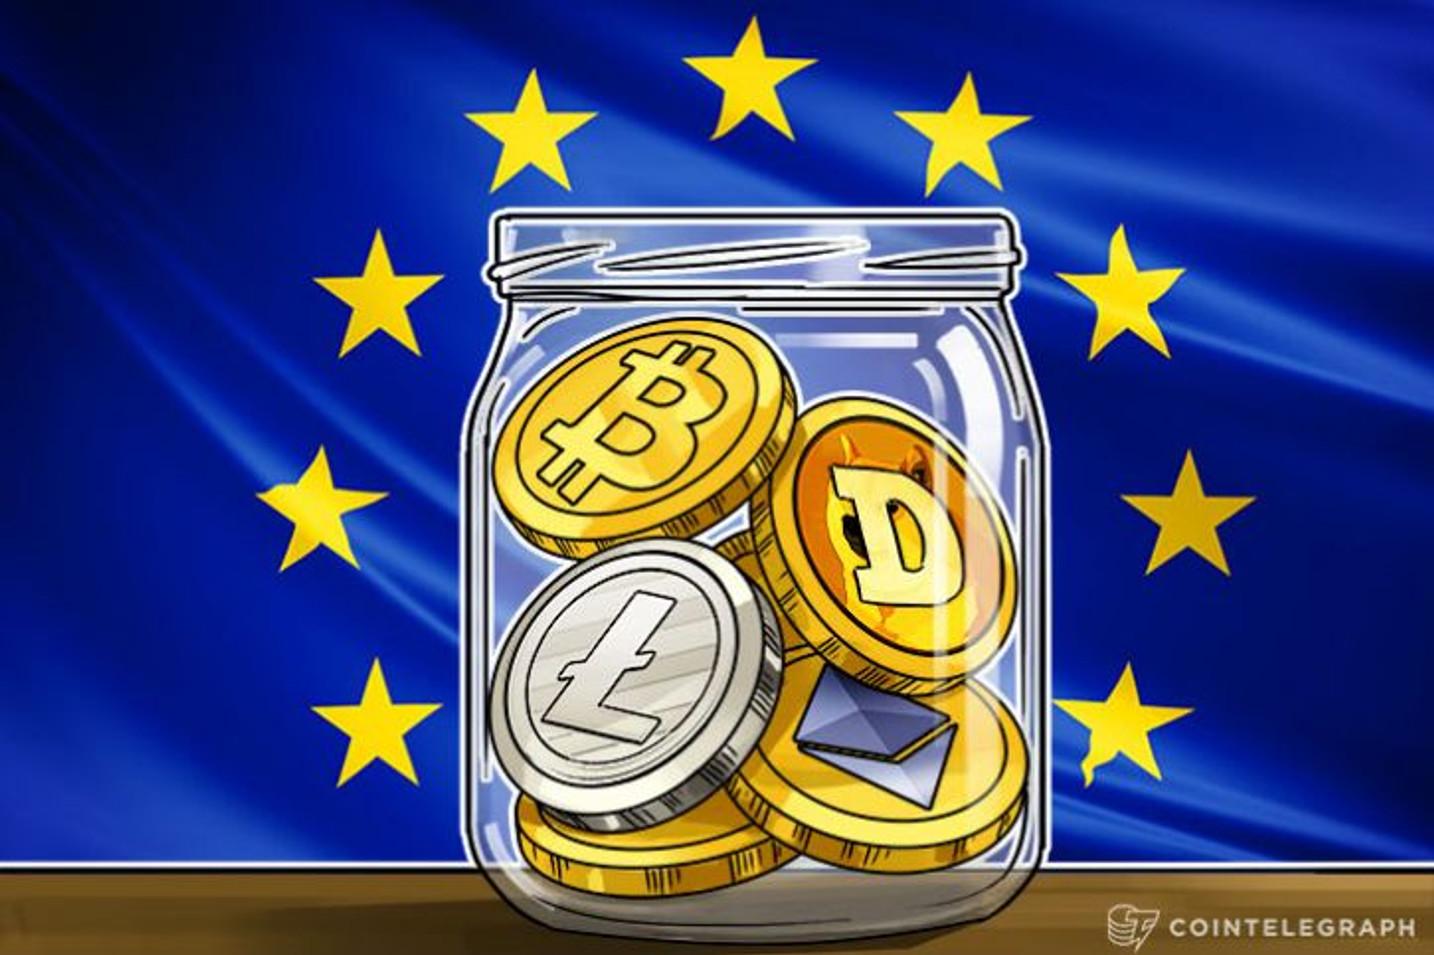 EUがビットコイン取引の監視と仮想通貨利用者の個人情報登録を義務付けか